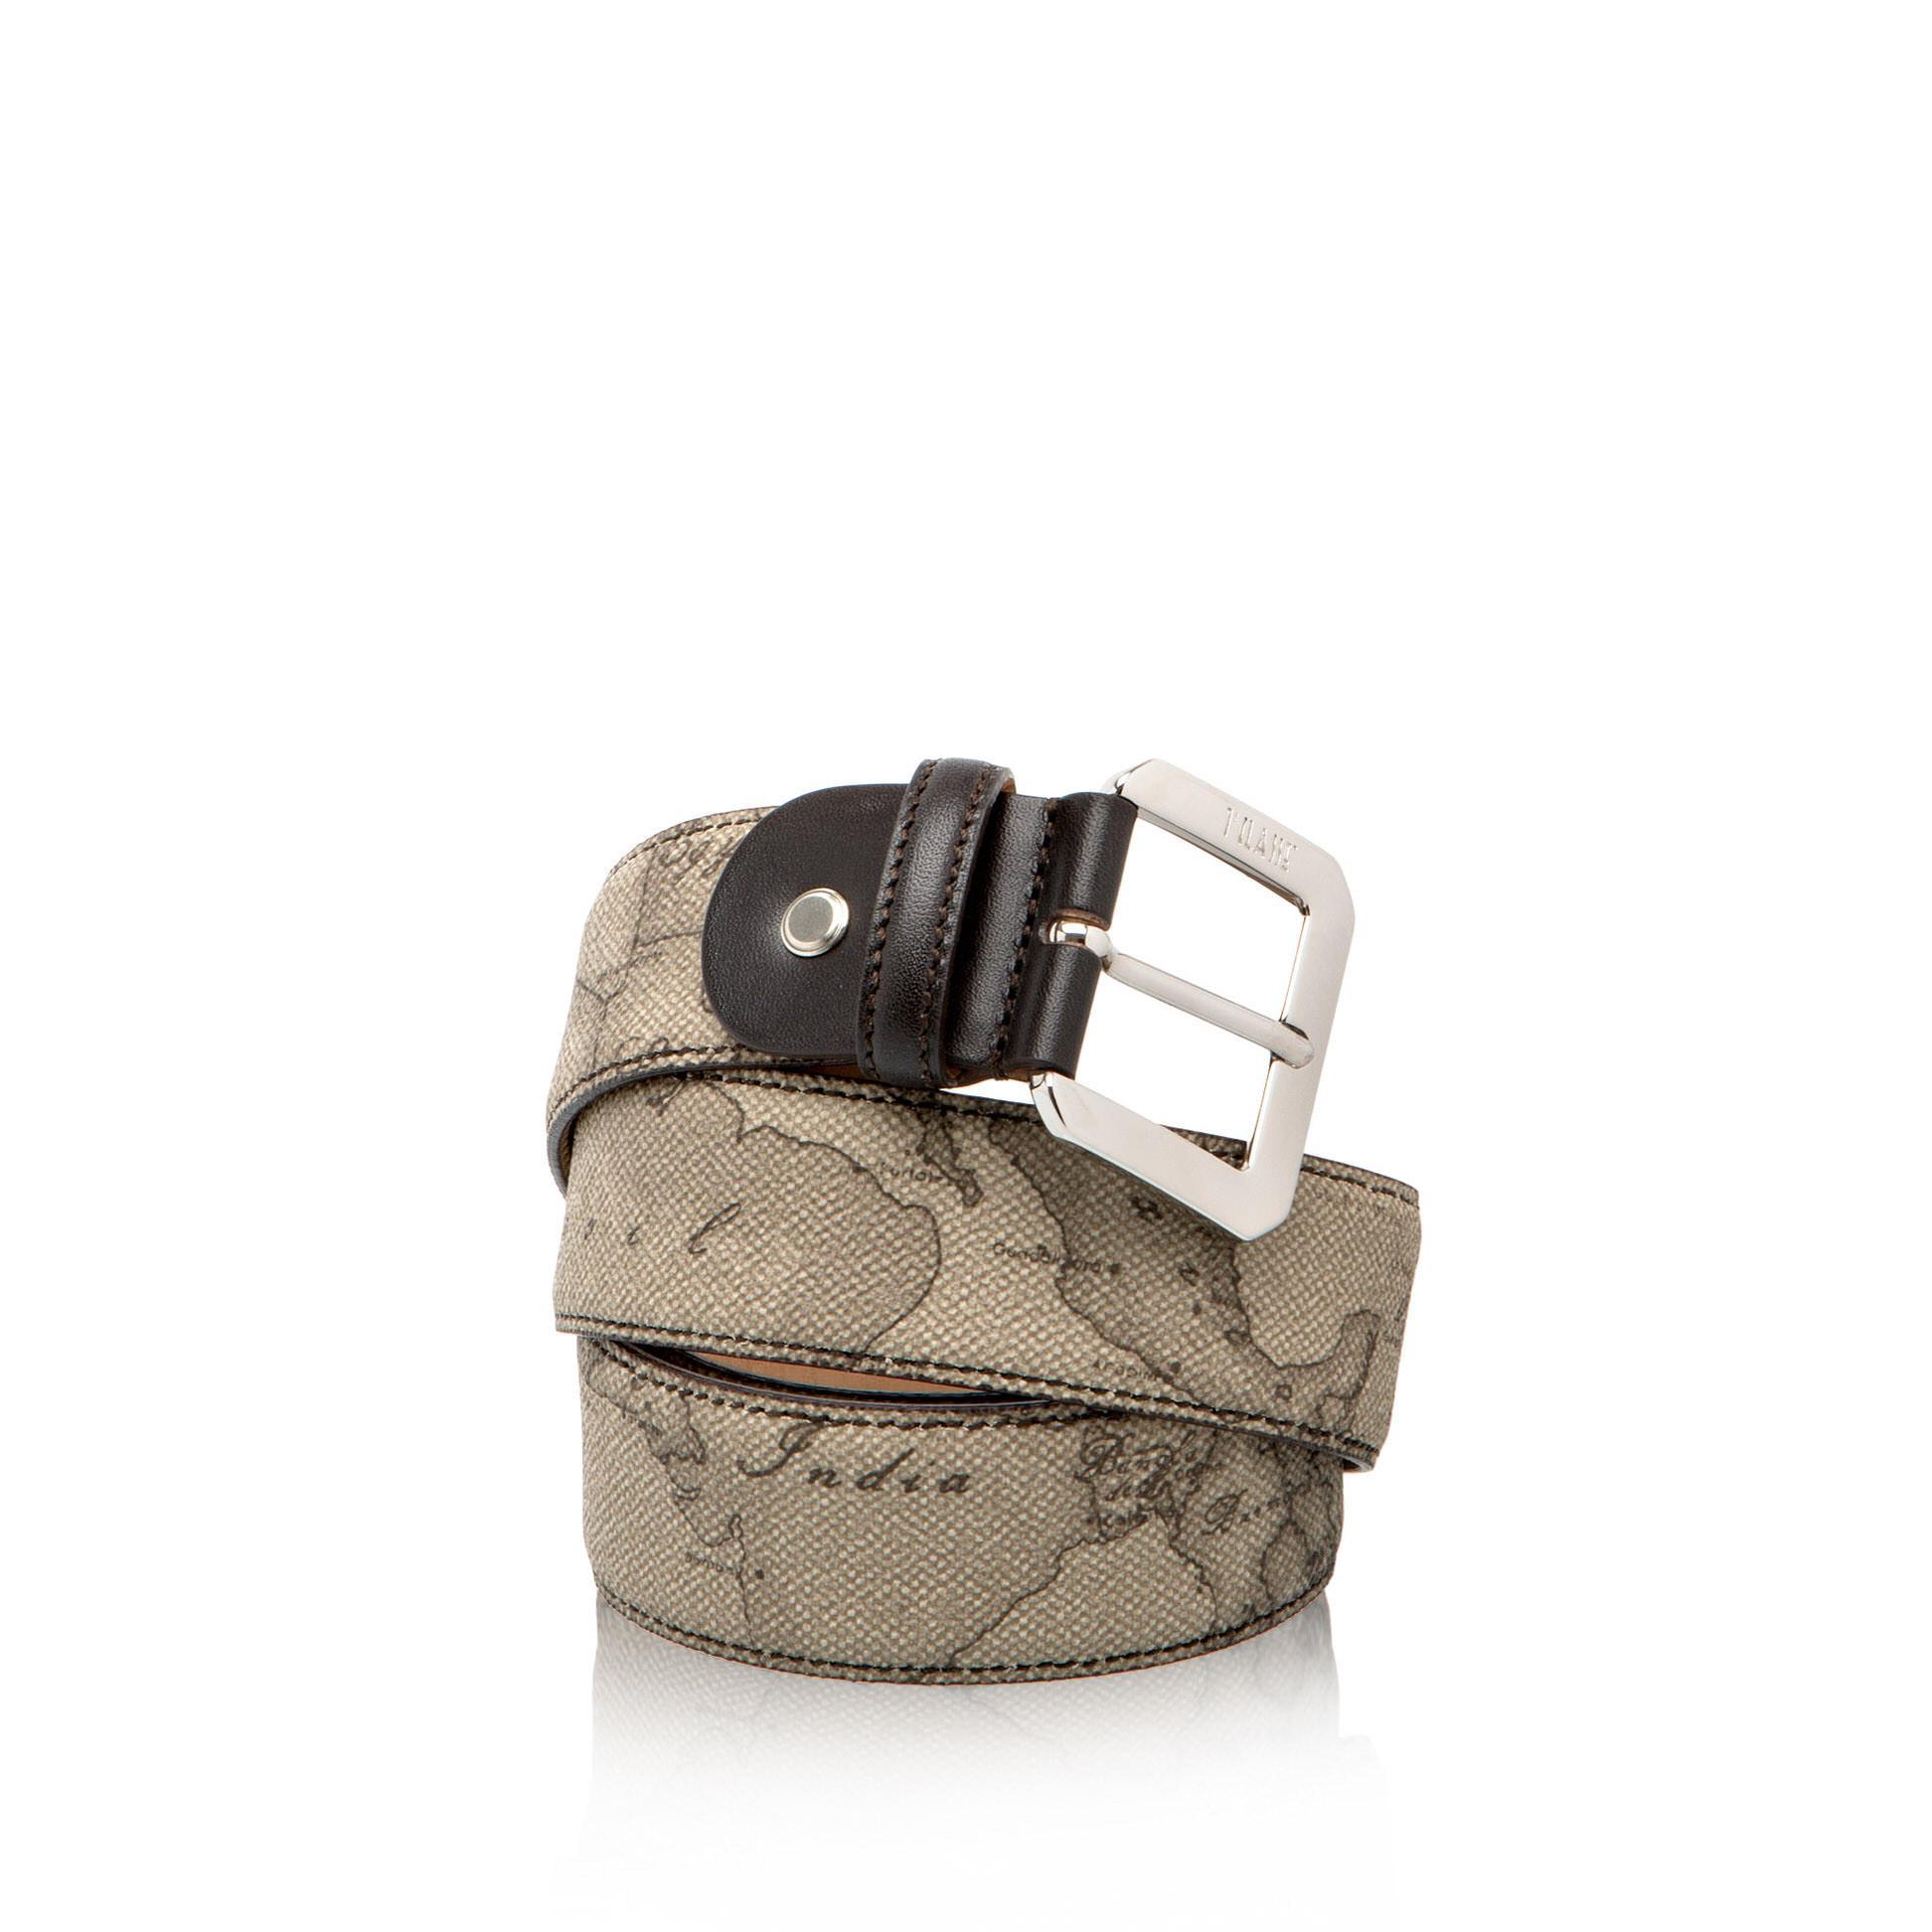 Cintura Alviero Martini 1A Classe Continuativo A275 6130 590 Tortora